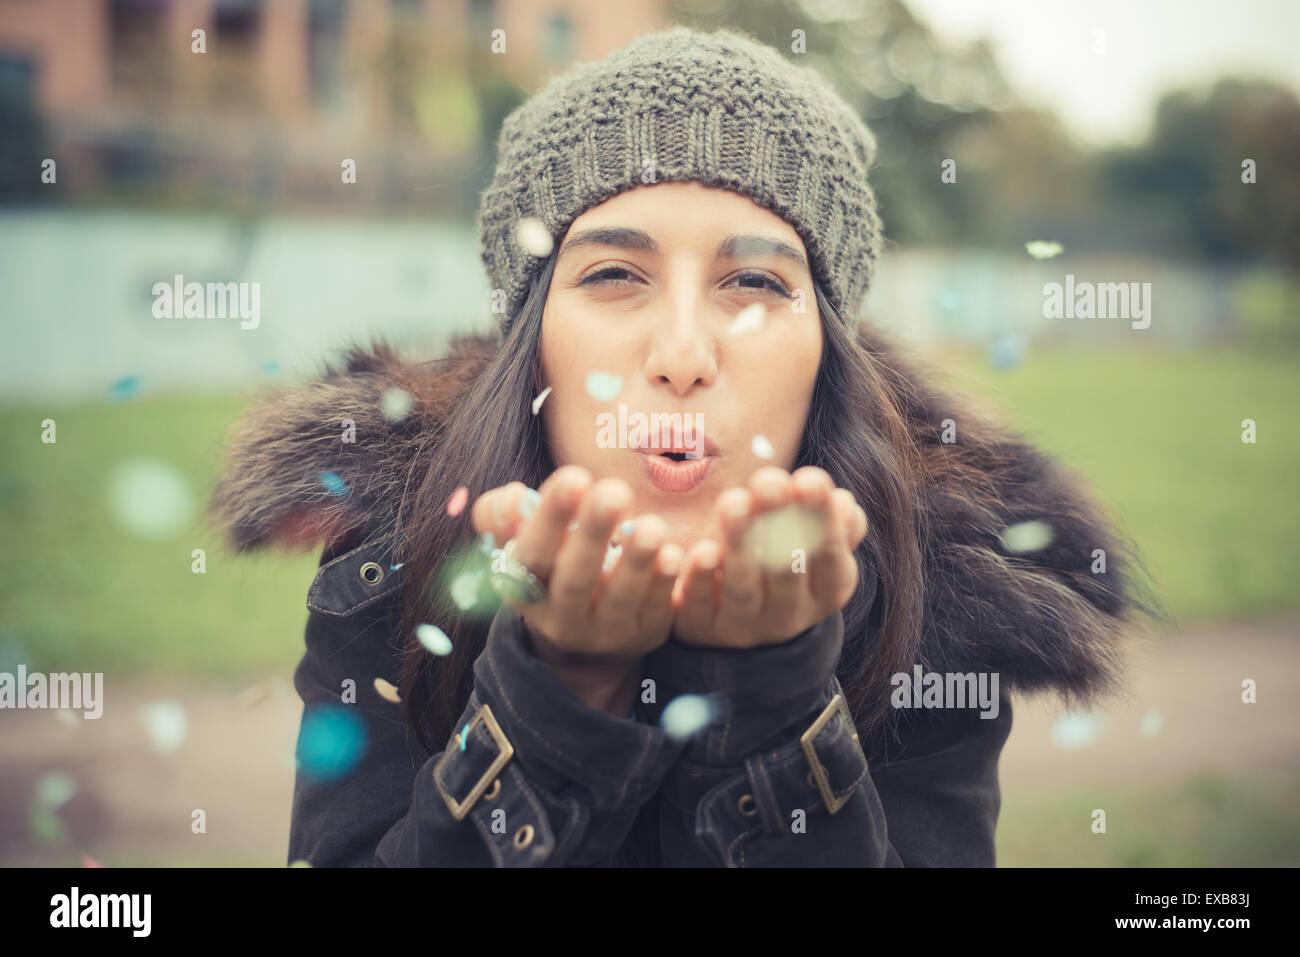 junge schöne Brünette Frau mit Konfetti-Karneval in der Stadt spielen Stockbild